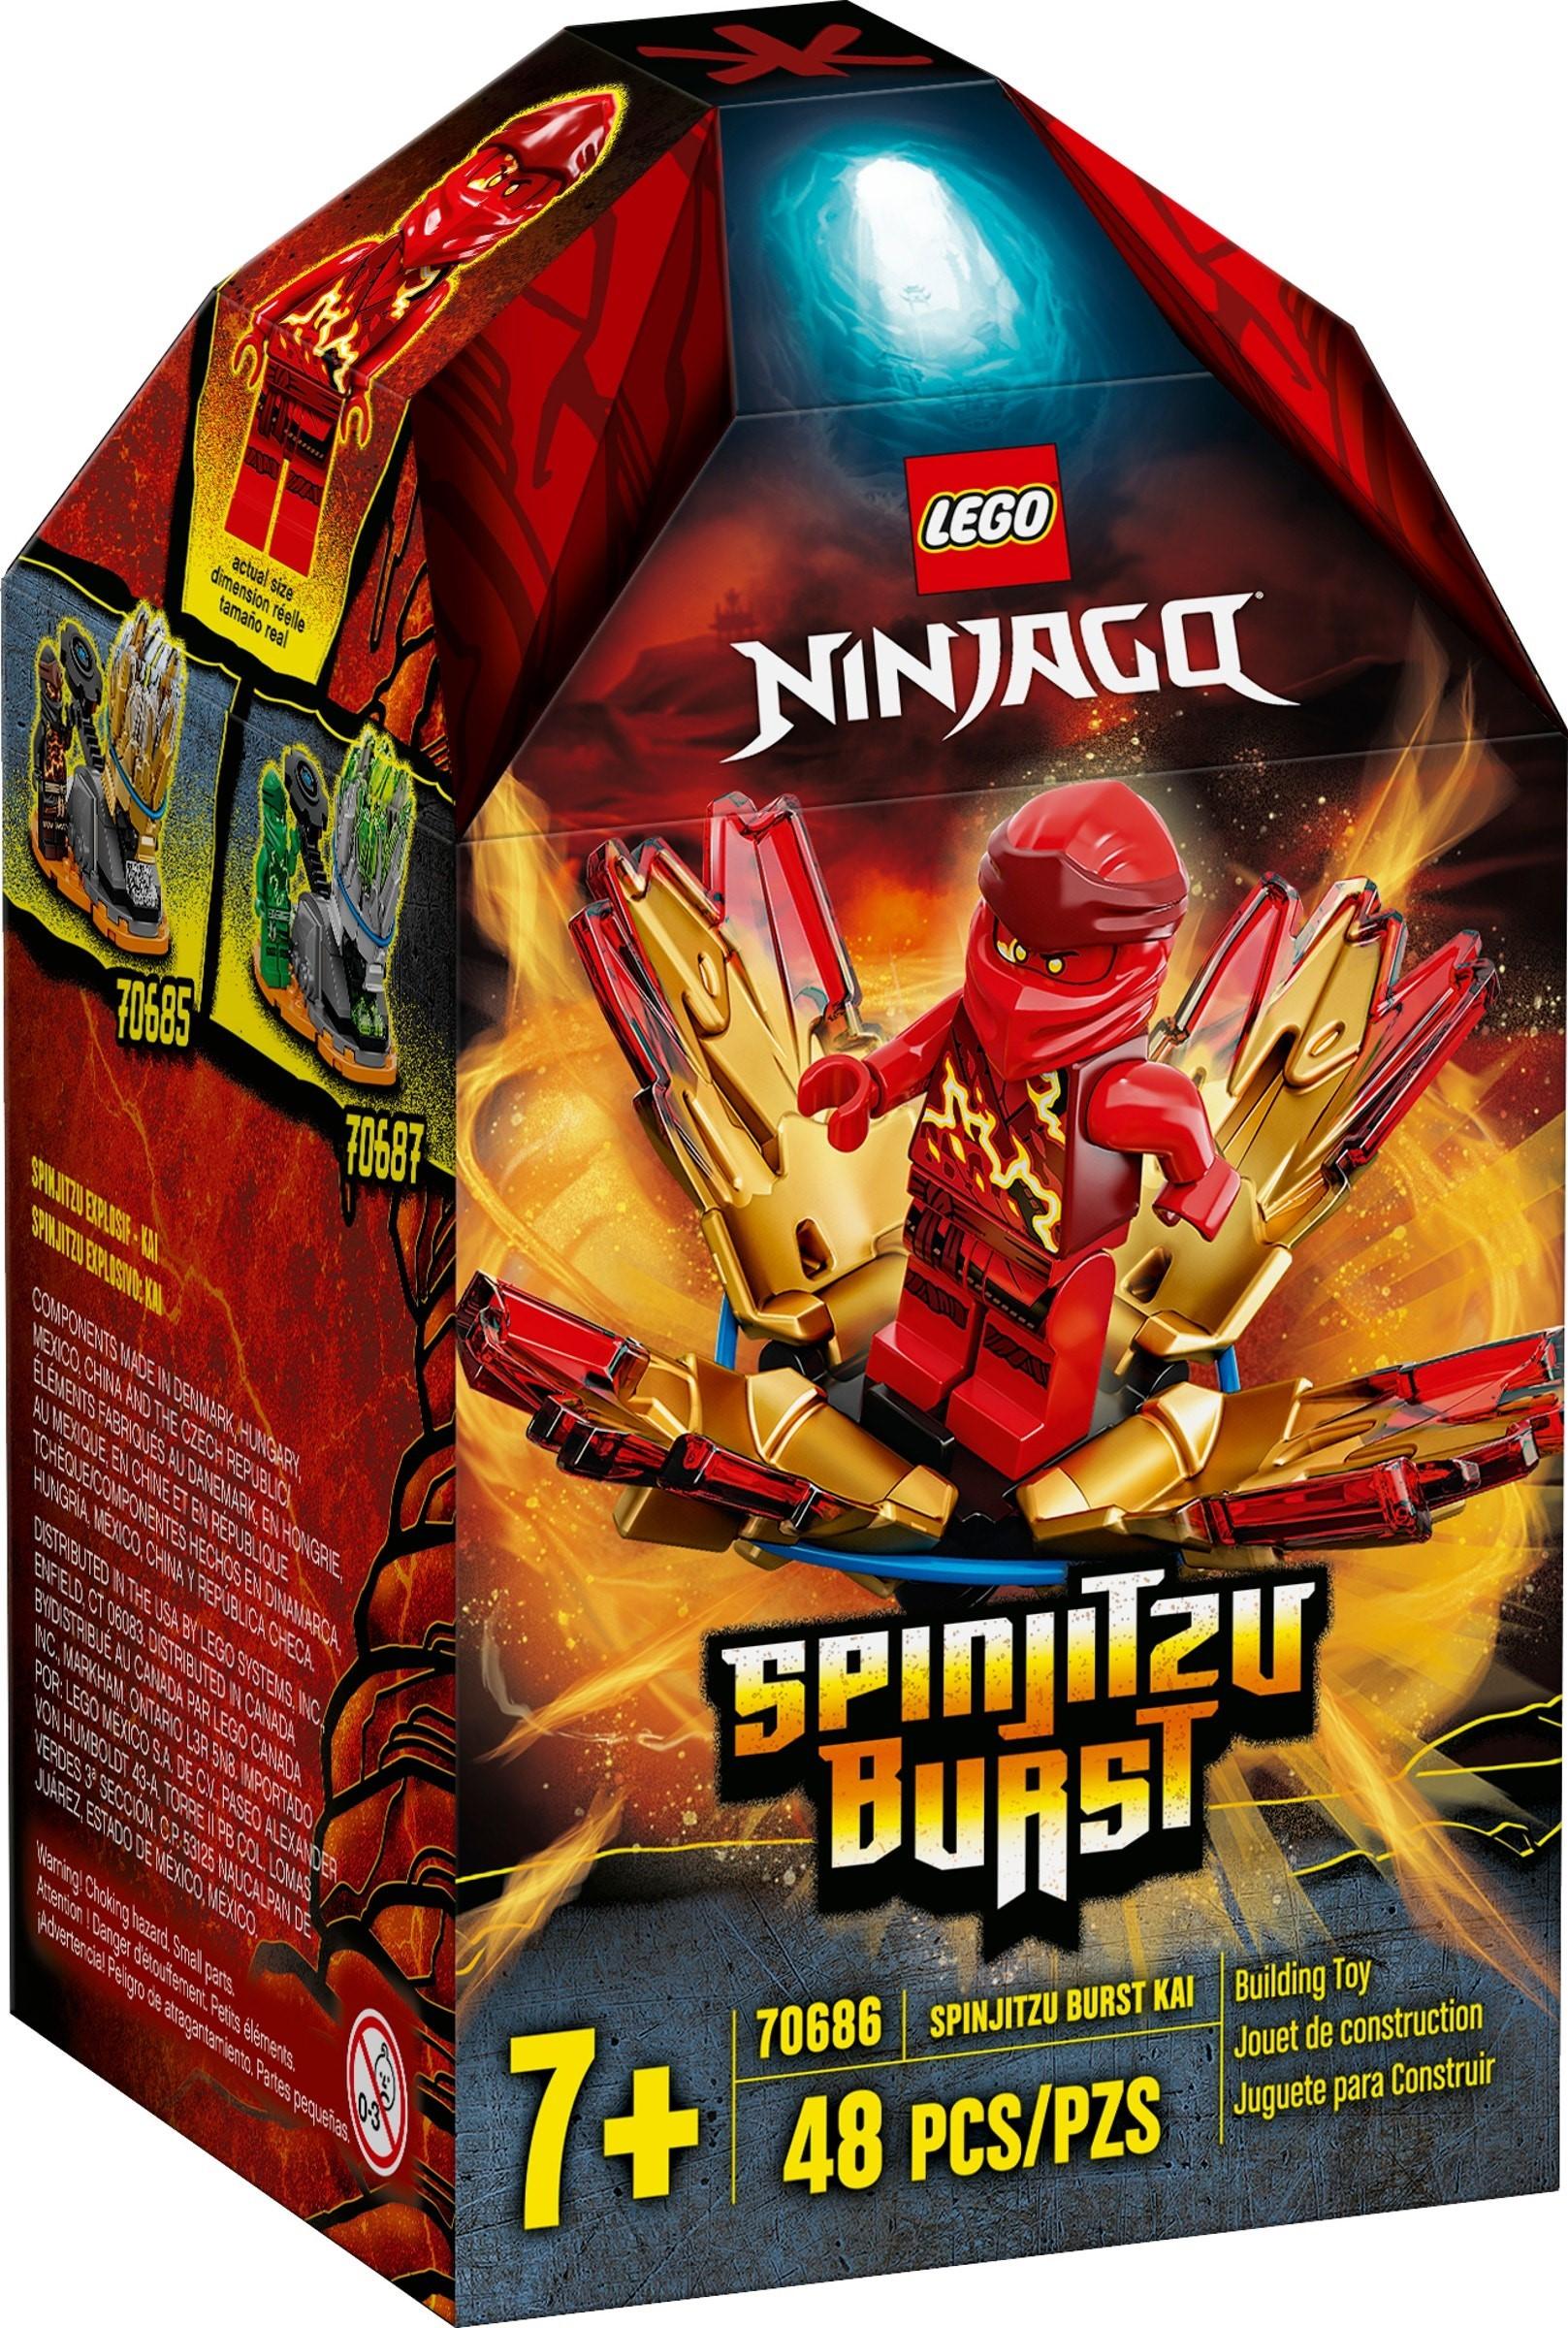 LEGO Ninjago - Spinjitzu Burst - Kai (70686)